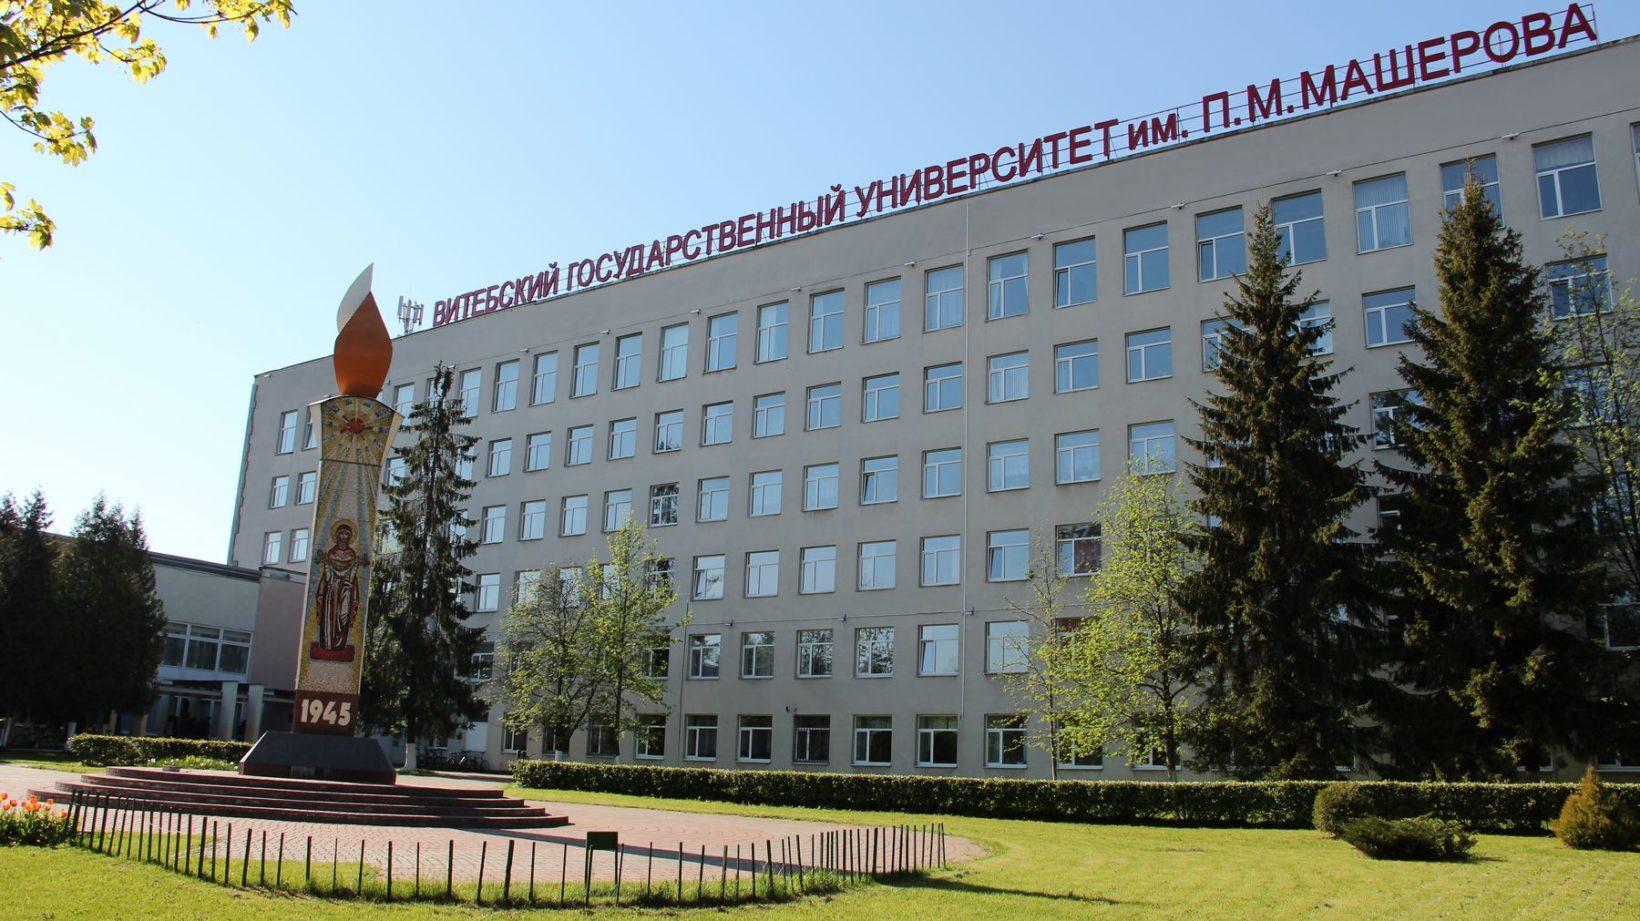 витебский государственный университет